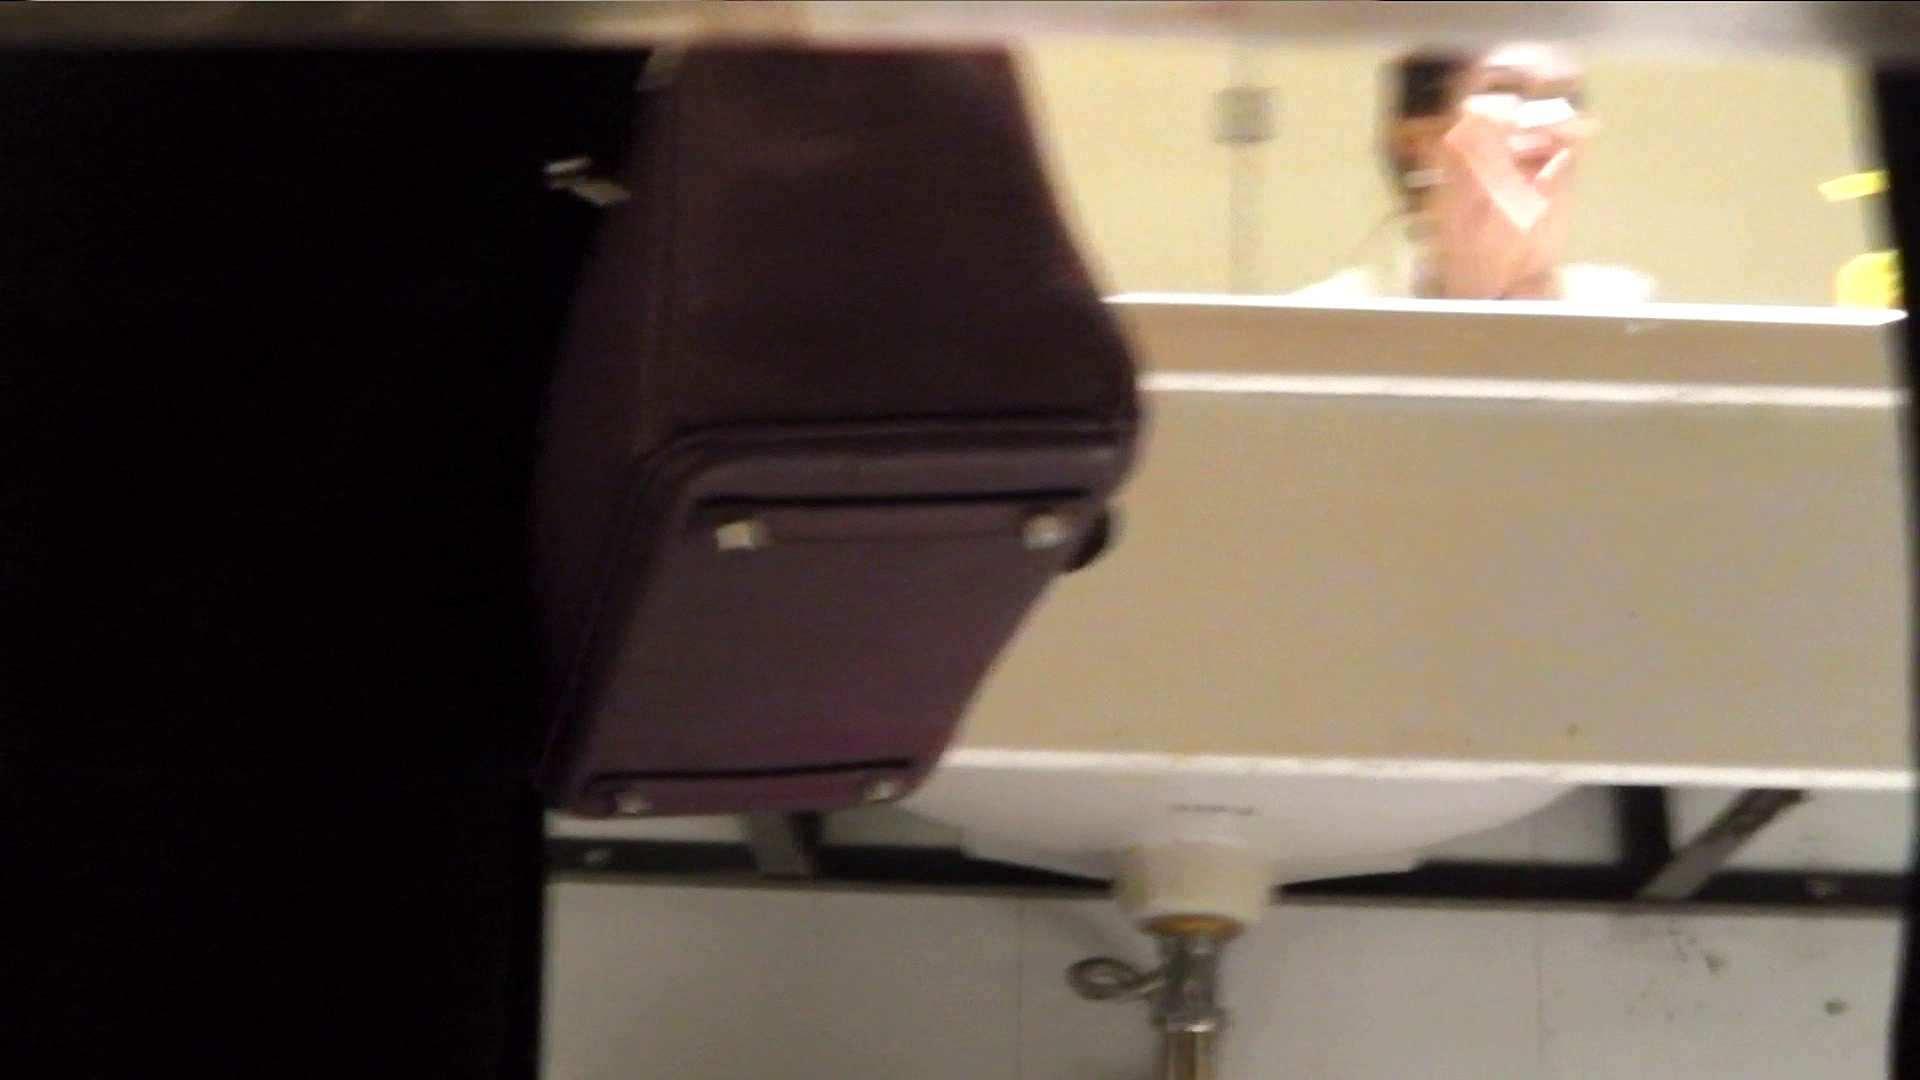 洗寿観音さんの 化粧室は四面楚歌Nol.4 洗面所 | 色っぽいOL達  104pic 15